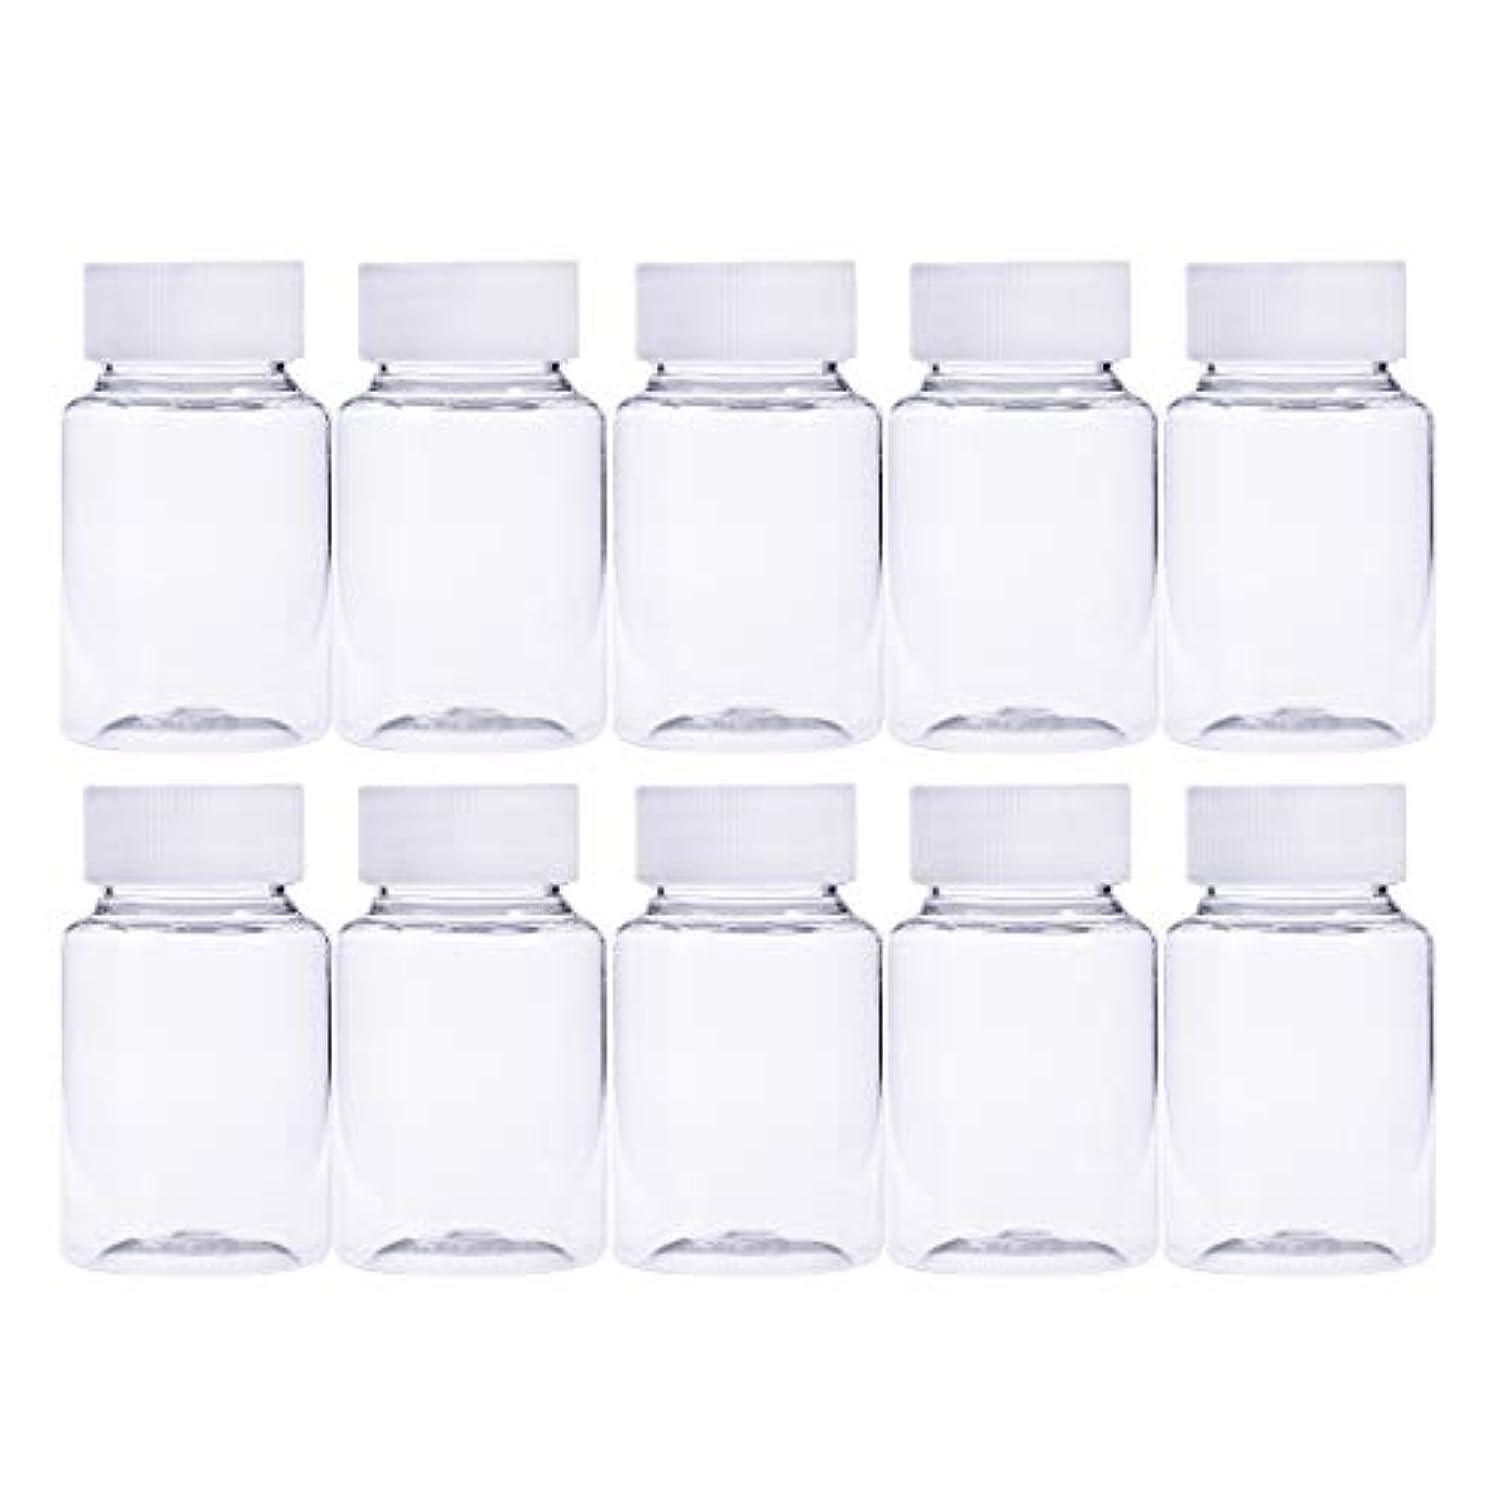 自伝きしむ注意Frcolor 12個 80ml 小分けボトル 広口 クリア 詰め替え容器 薬保存 ビーズ収納 液体 化学薬品収納ボトル 化粧小分け容器 プラスチック容器